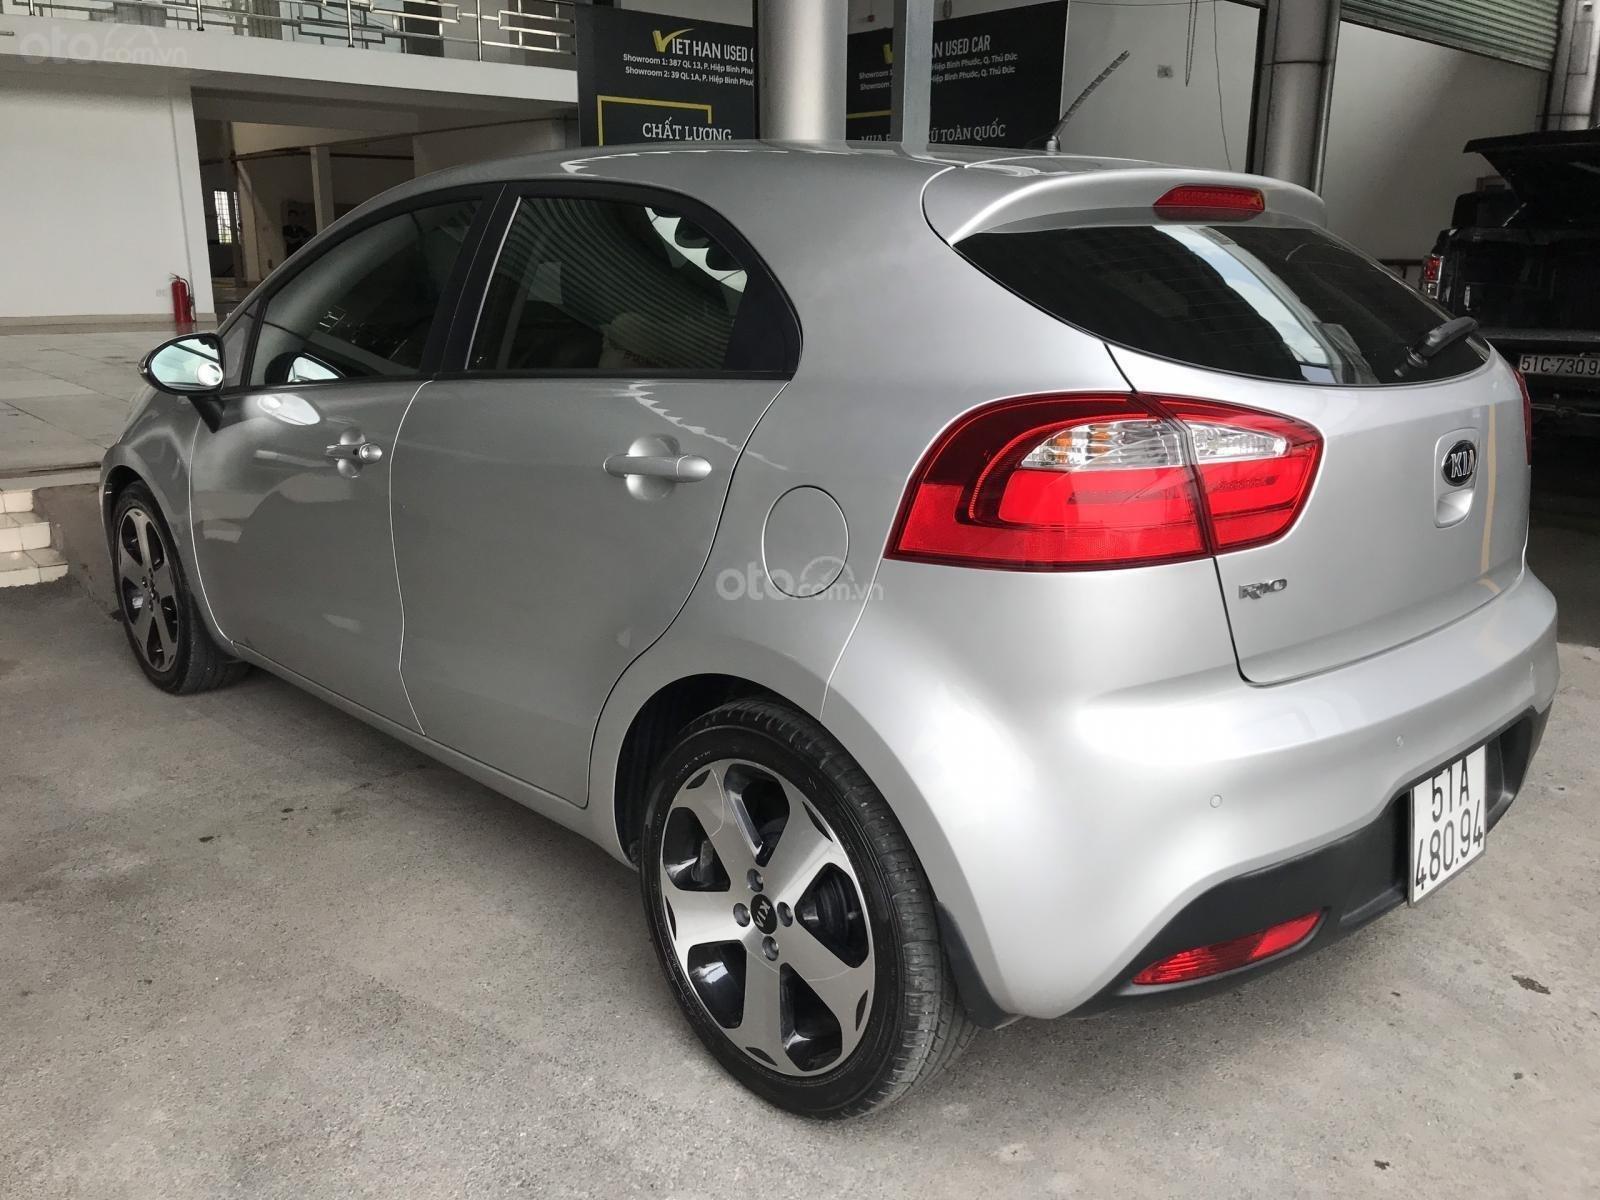 Bán xe Kia Rio năm sản xuất 2012, màu bạc, nhập khẩu, giá tốt (4)